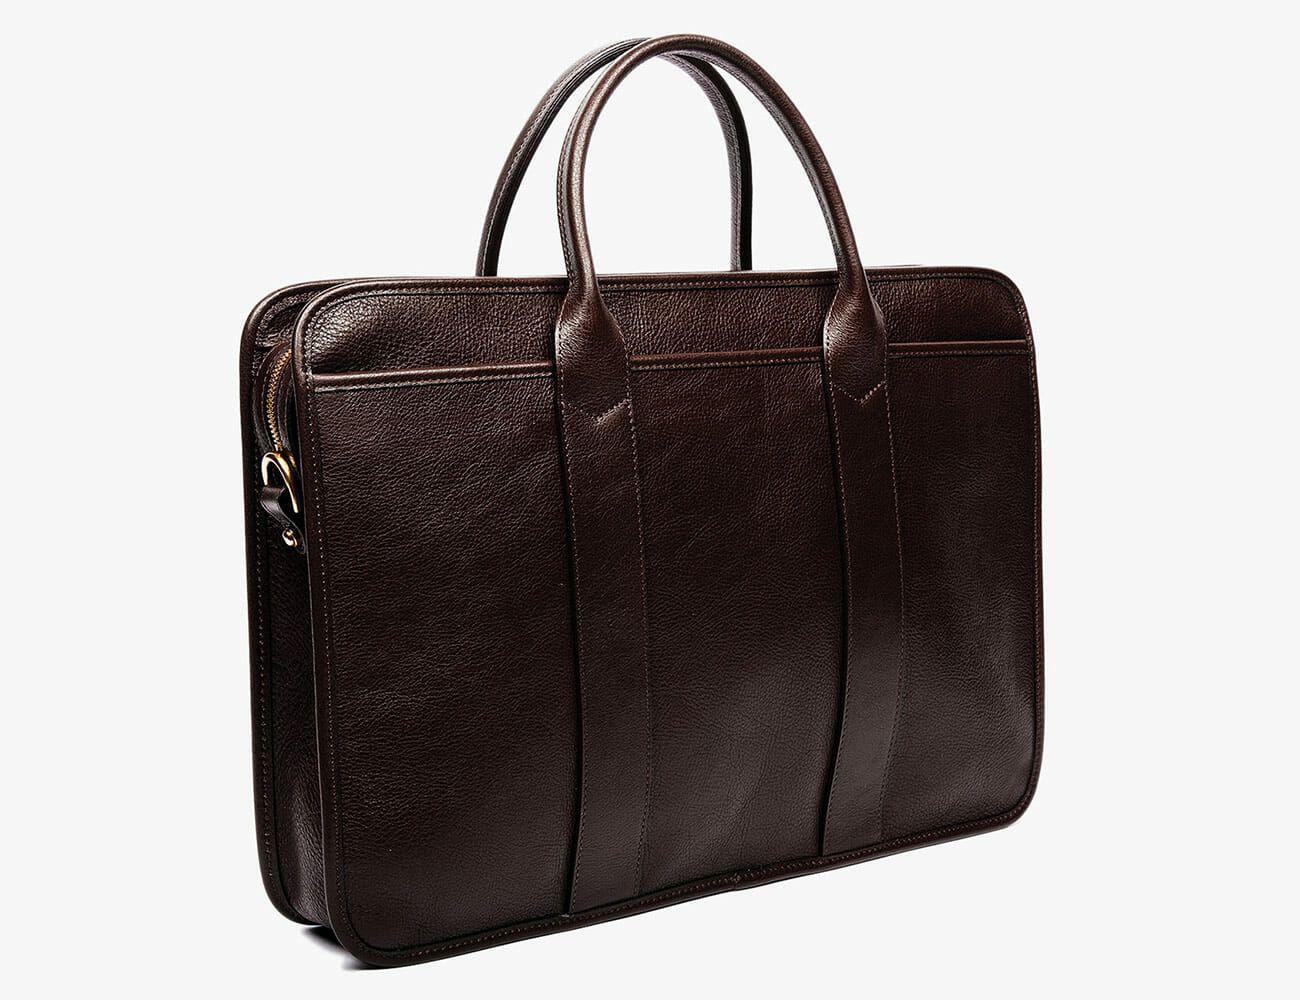 Lotuff-Ziptop-Briefcase